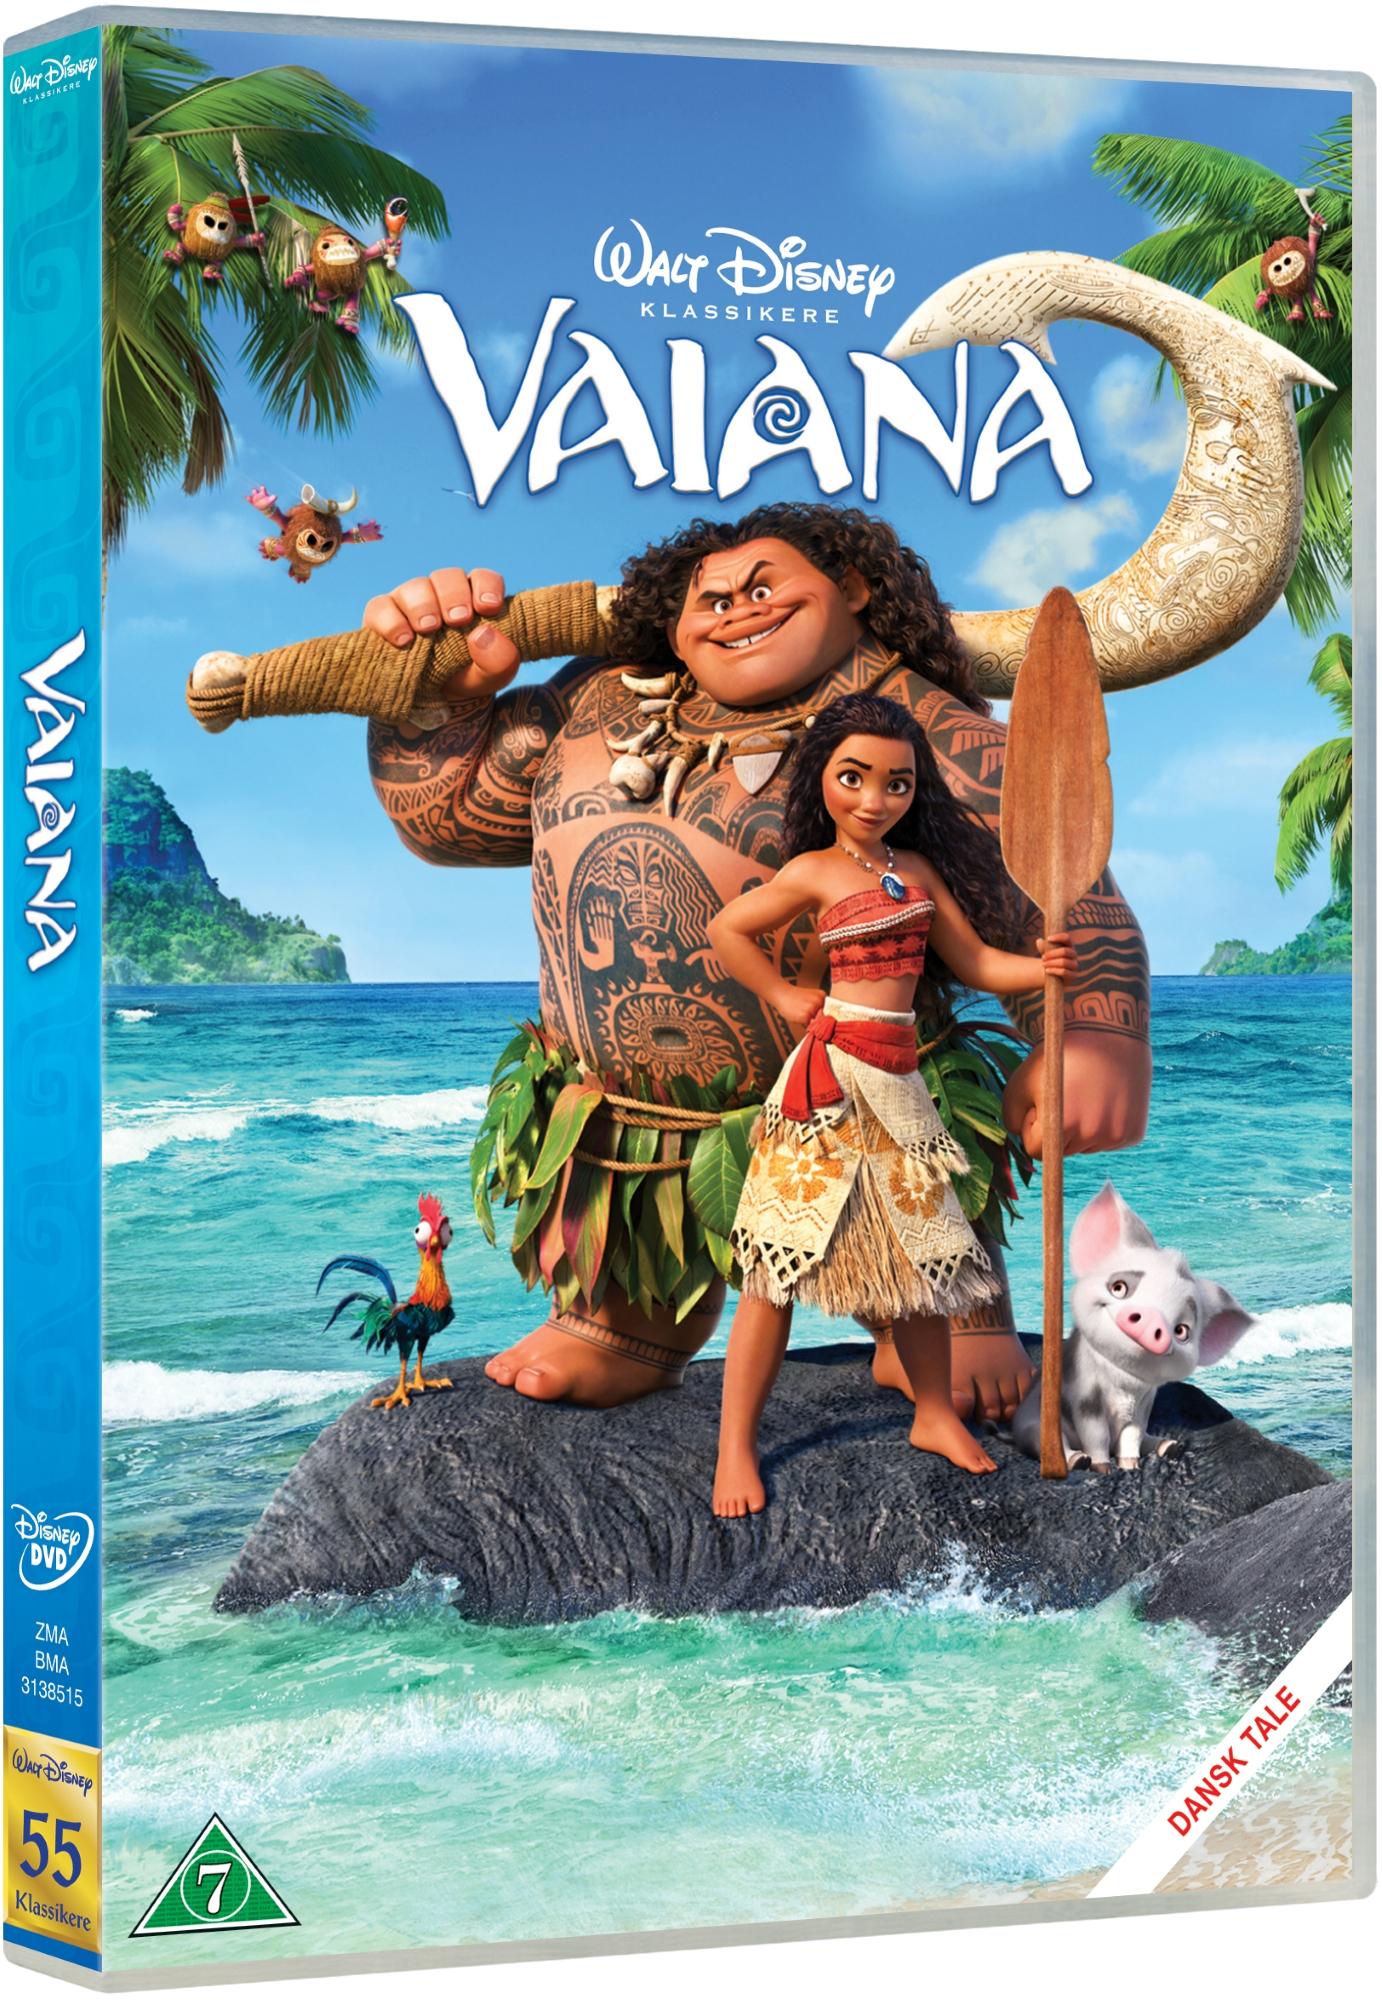 Vaiana - Vaiana - Film -  - 8717418496135 - June 15, 2017